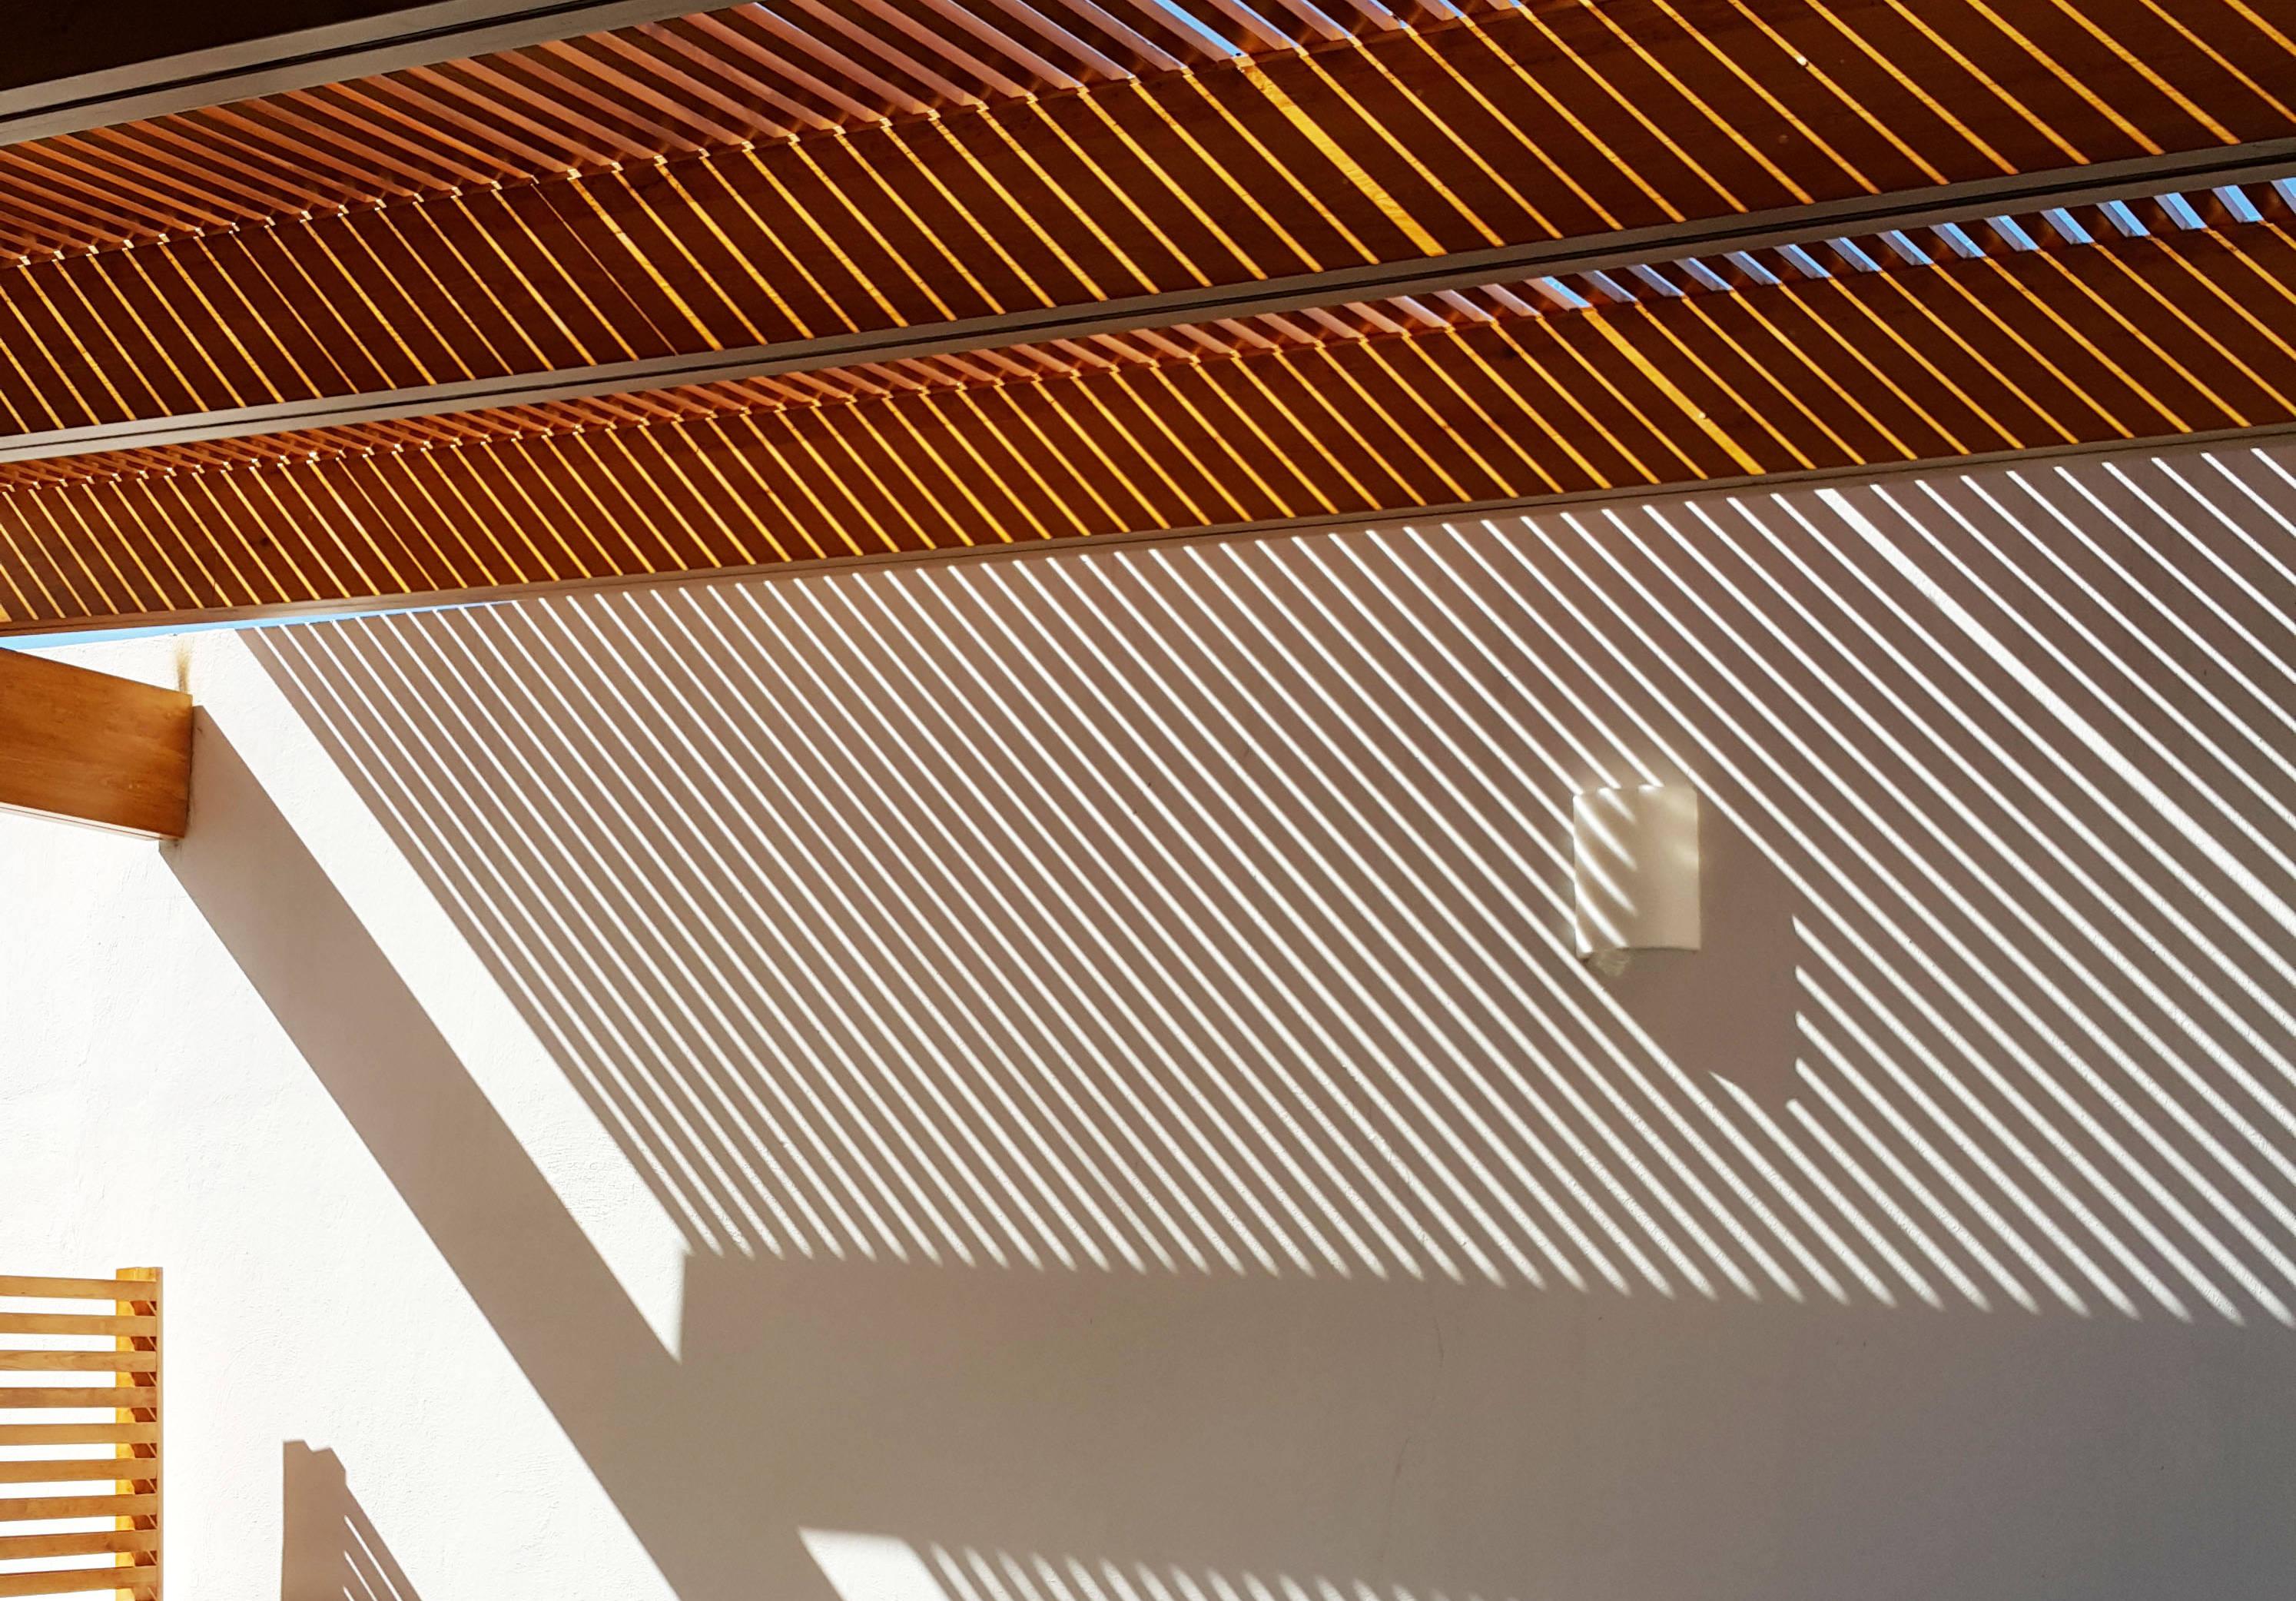 CABSA Taller de Carpintería & Arquitectura